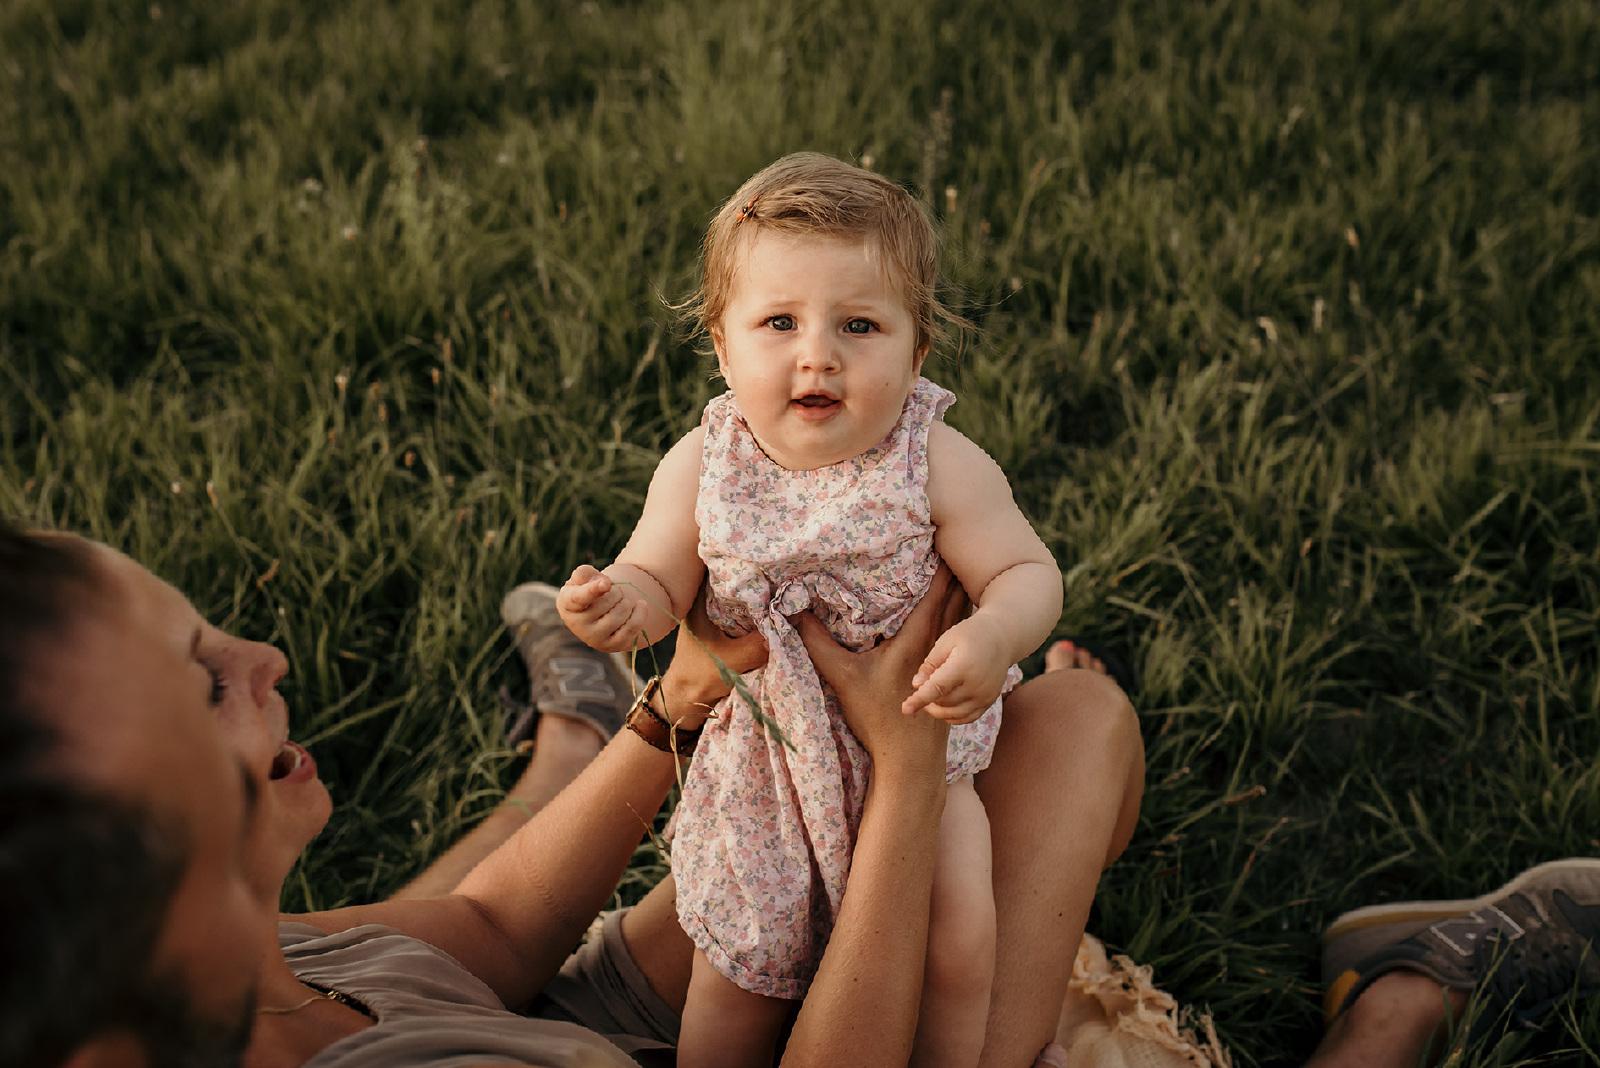 fotoshoot van baby op een grasveld